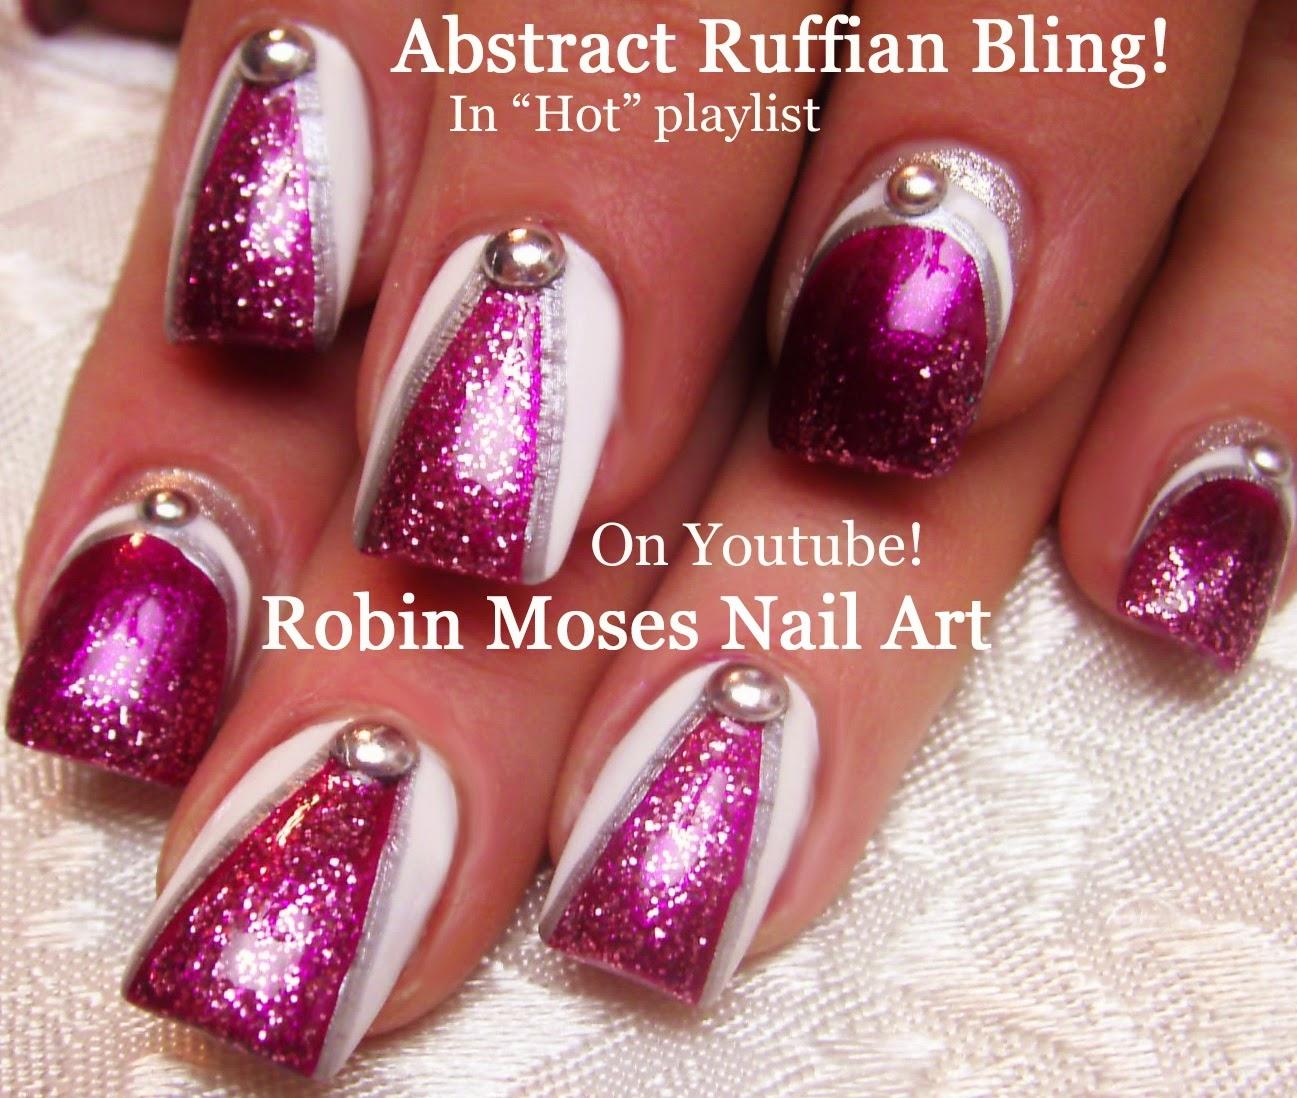 Robin moses nail art glitter nails diva nails glitter nail glitter nails diva nails glitter nail art party nails fun nail art nail art prinsesfo Image collections